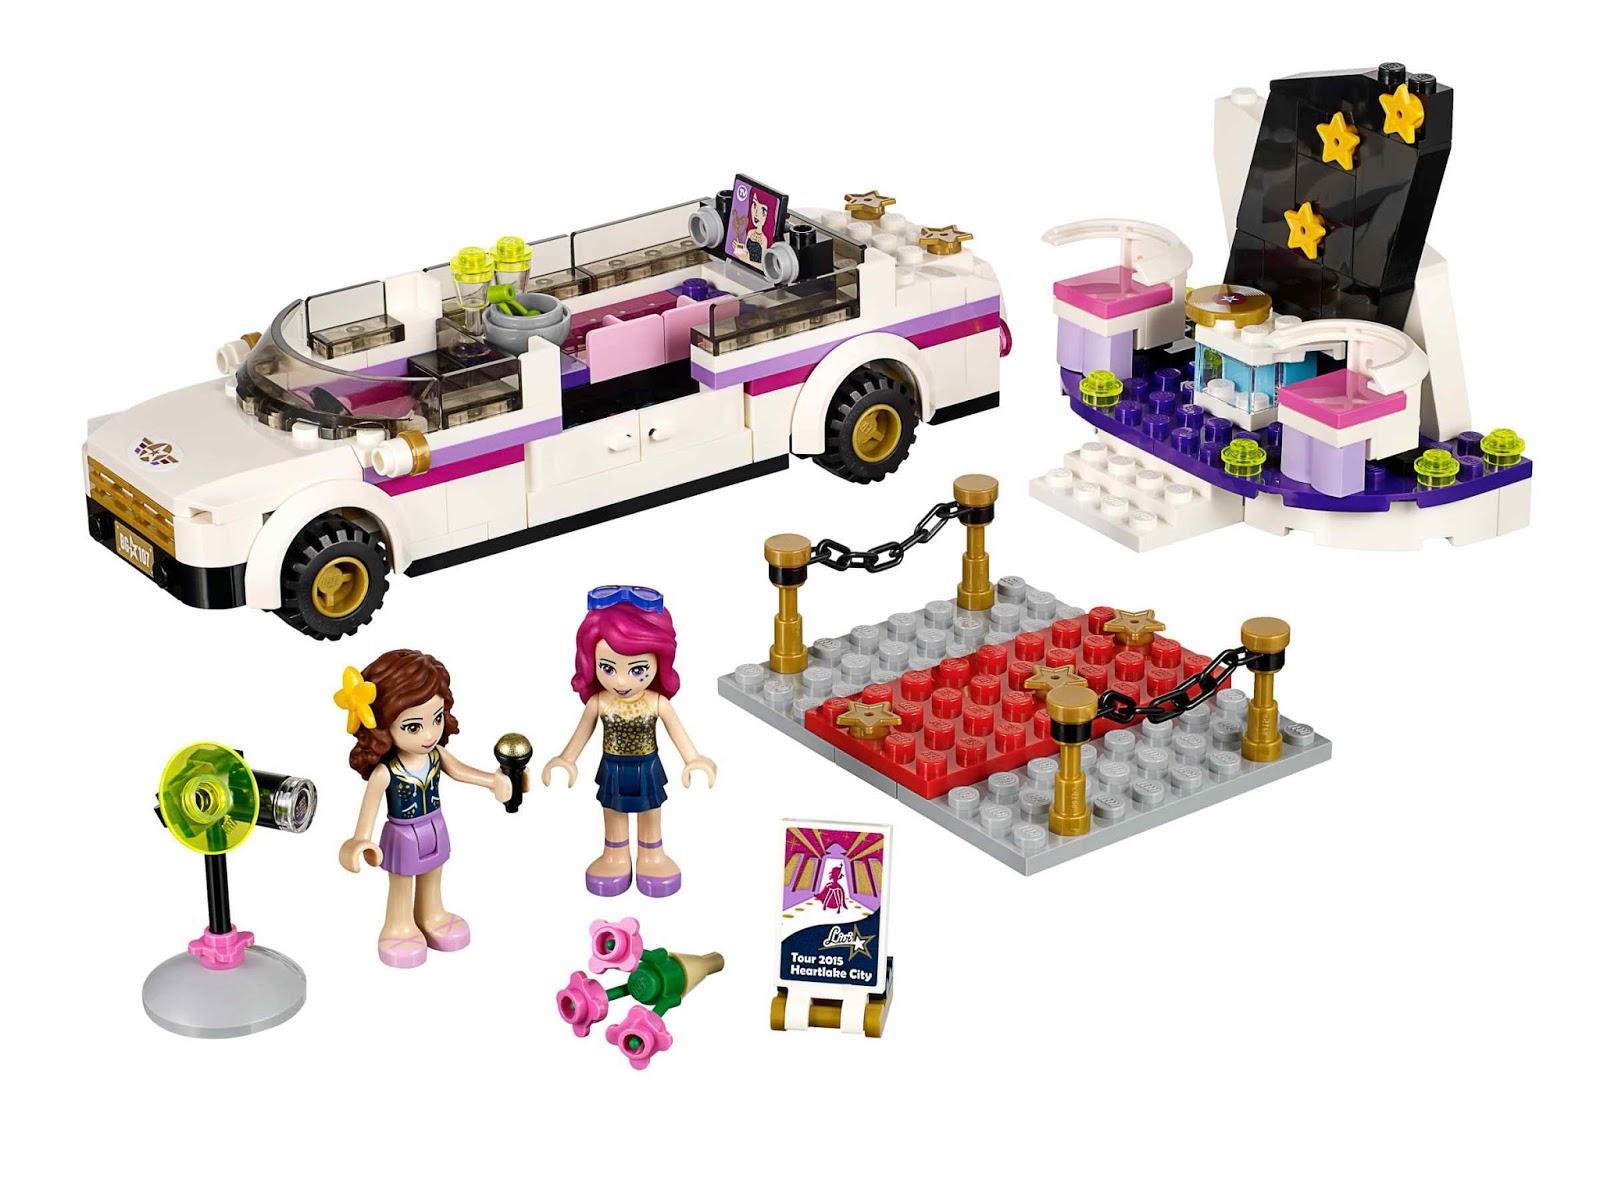 Lego friends heartlake grand hotel 41101 lego friends uk - Image Courtesy Of Amazon Co Uk Set Theme Friends